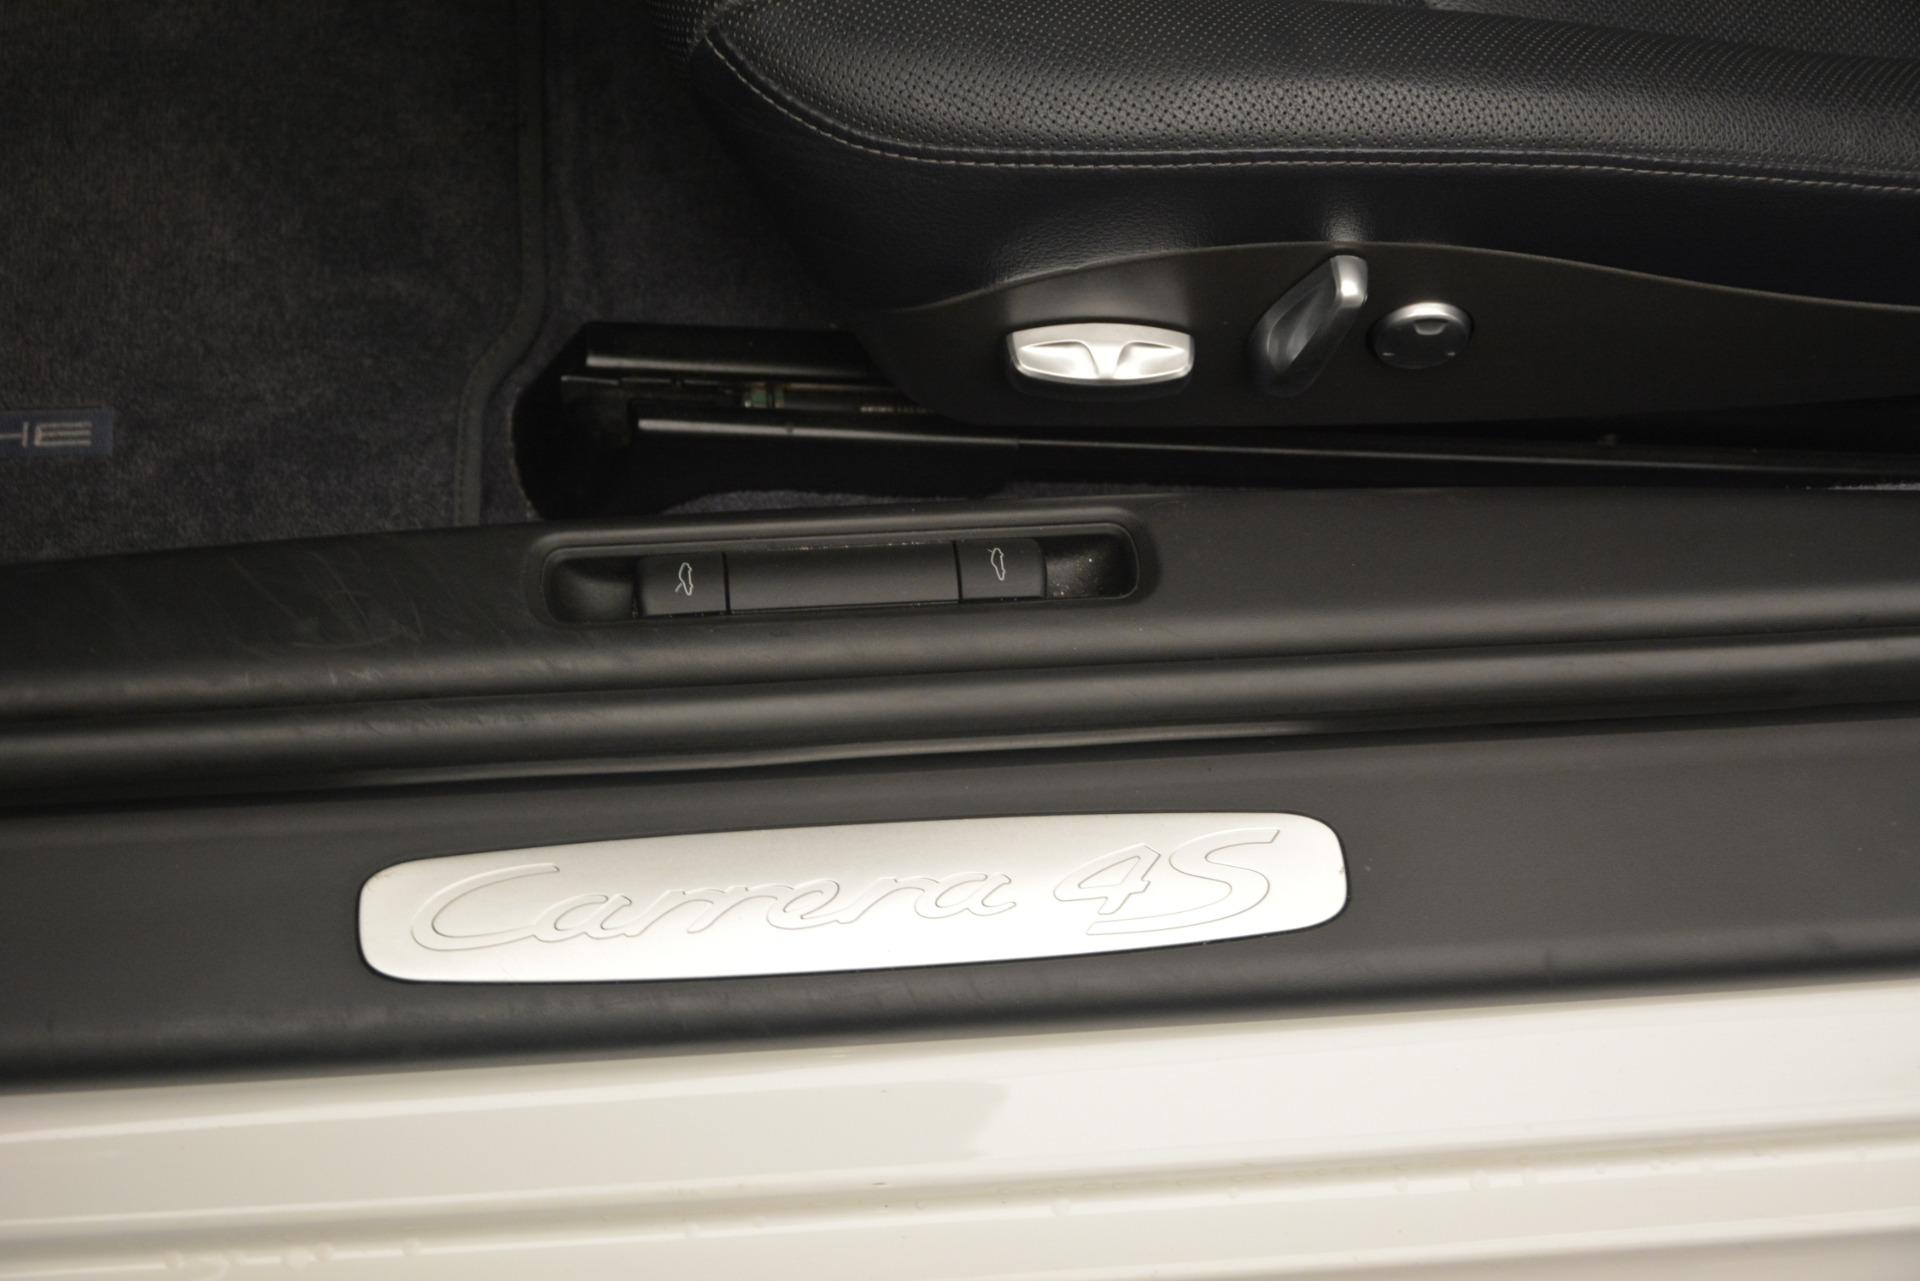 Used 2011 Porsche 911 Carrera 4S For Sale In Westport, CT 2600_p20